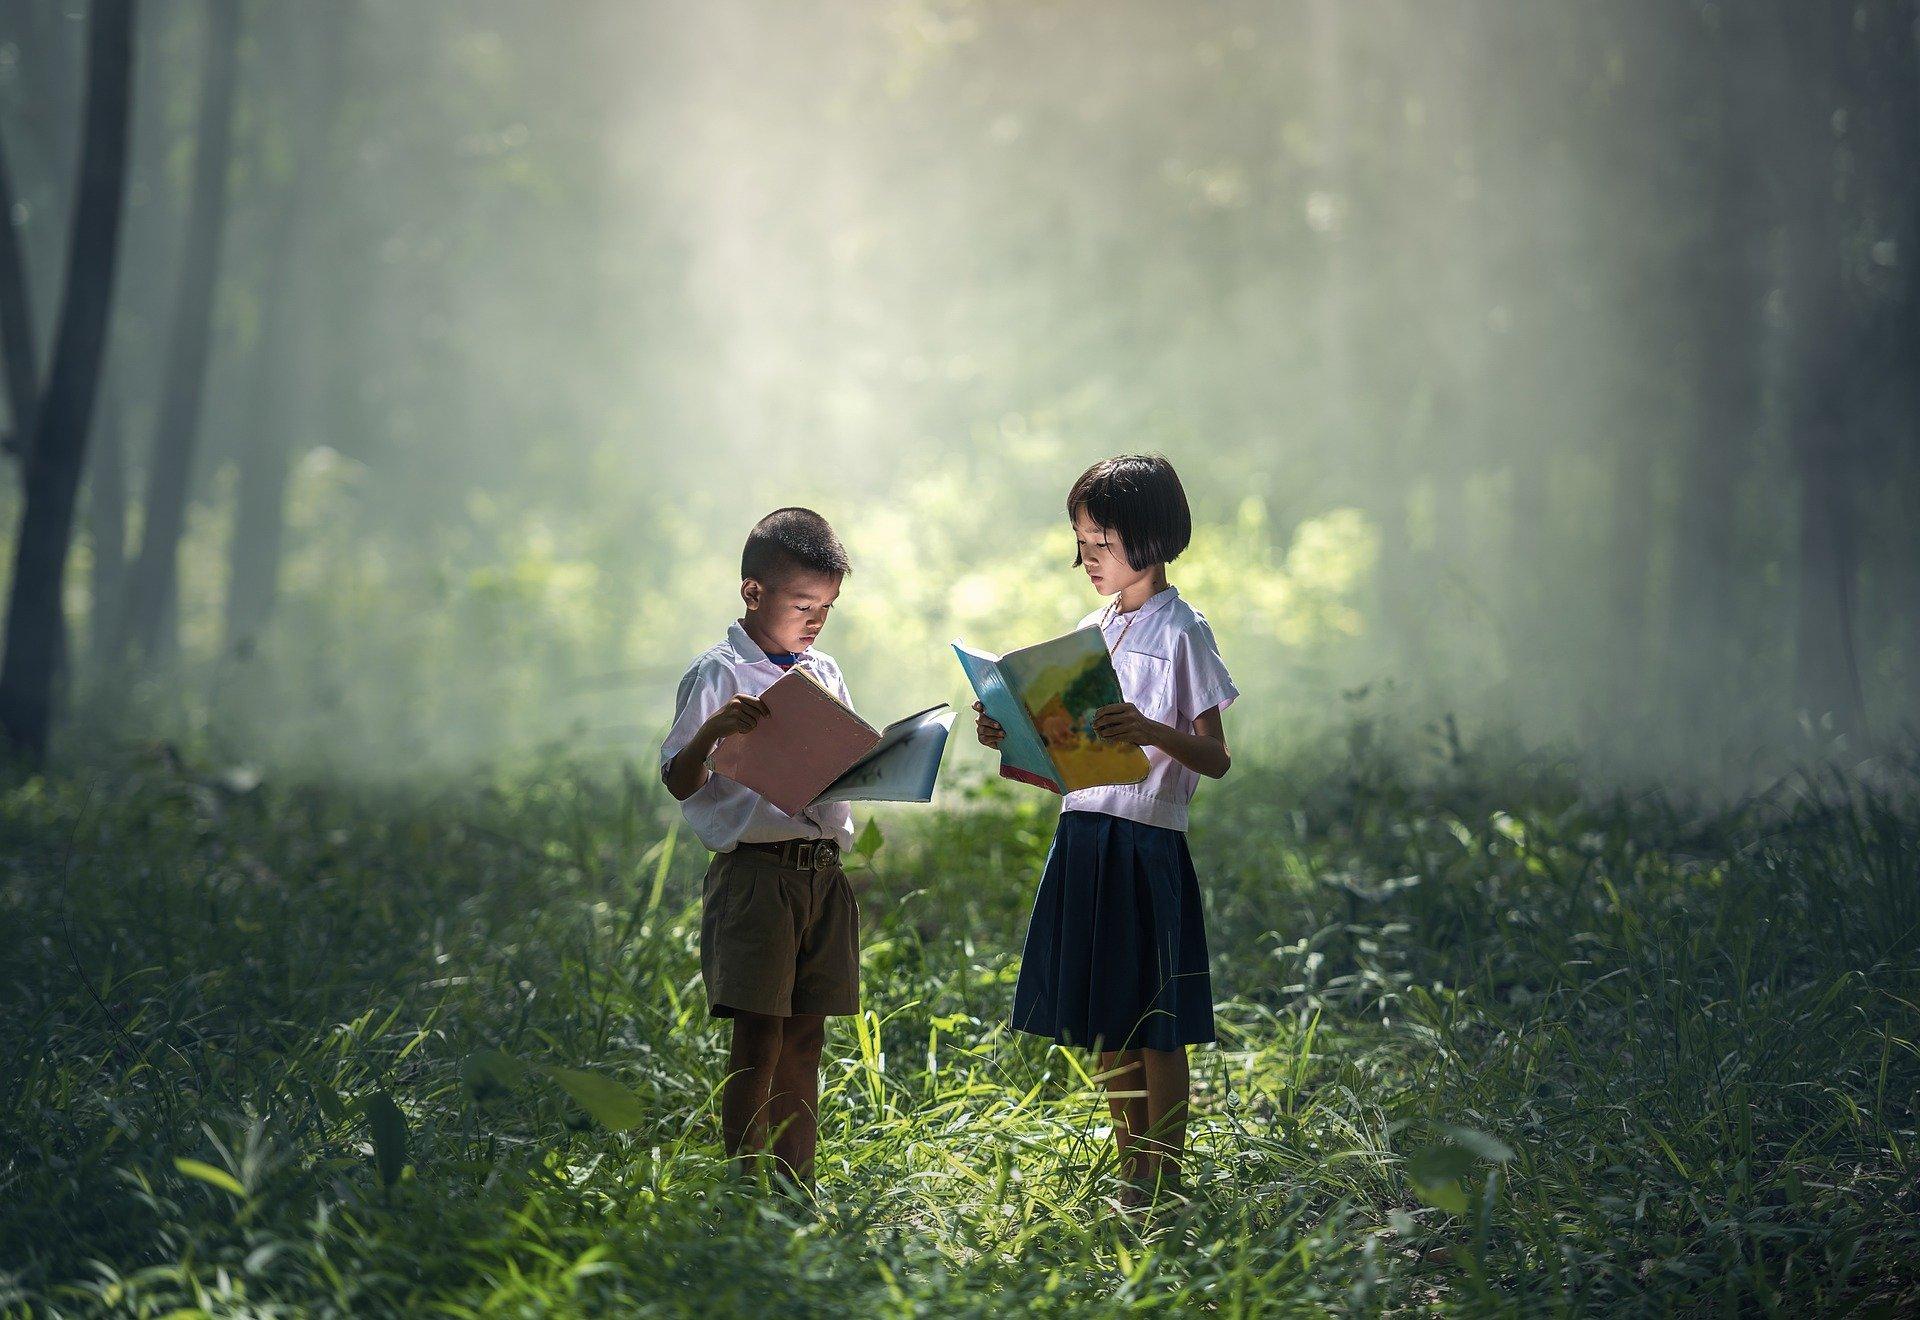 De intuitief lerende spart en overlegt graag om zijn gevoel te toetsen en zo te leren